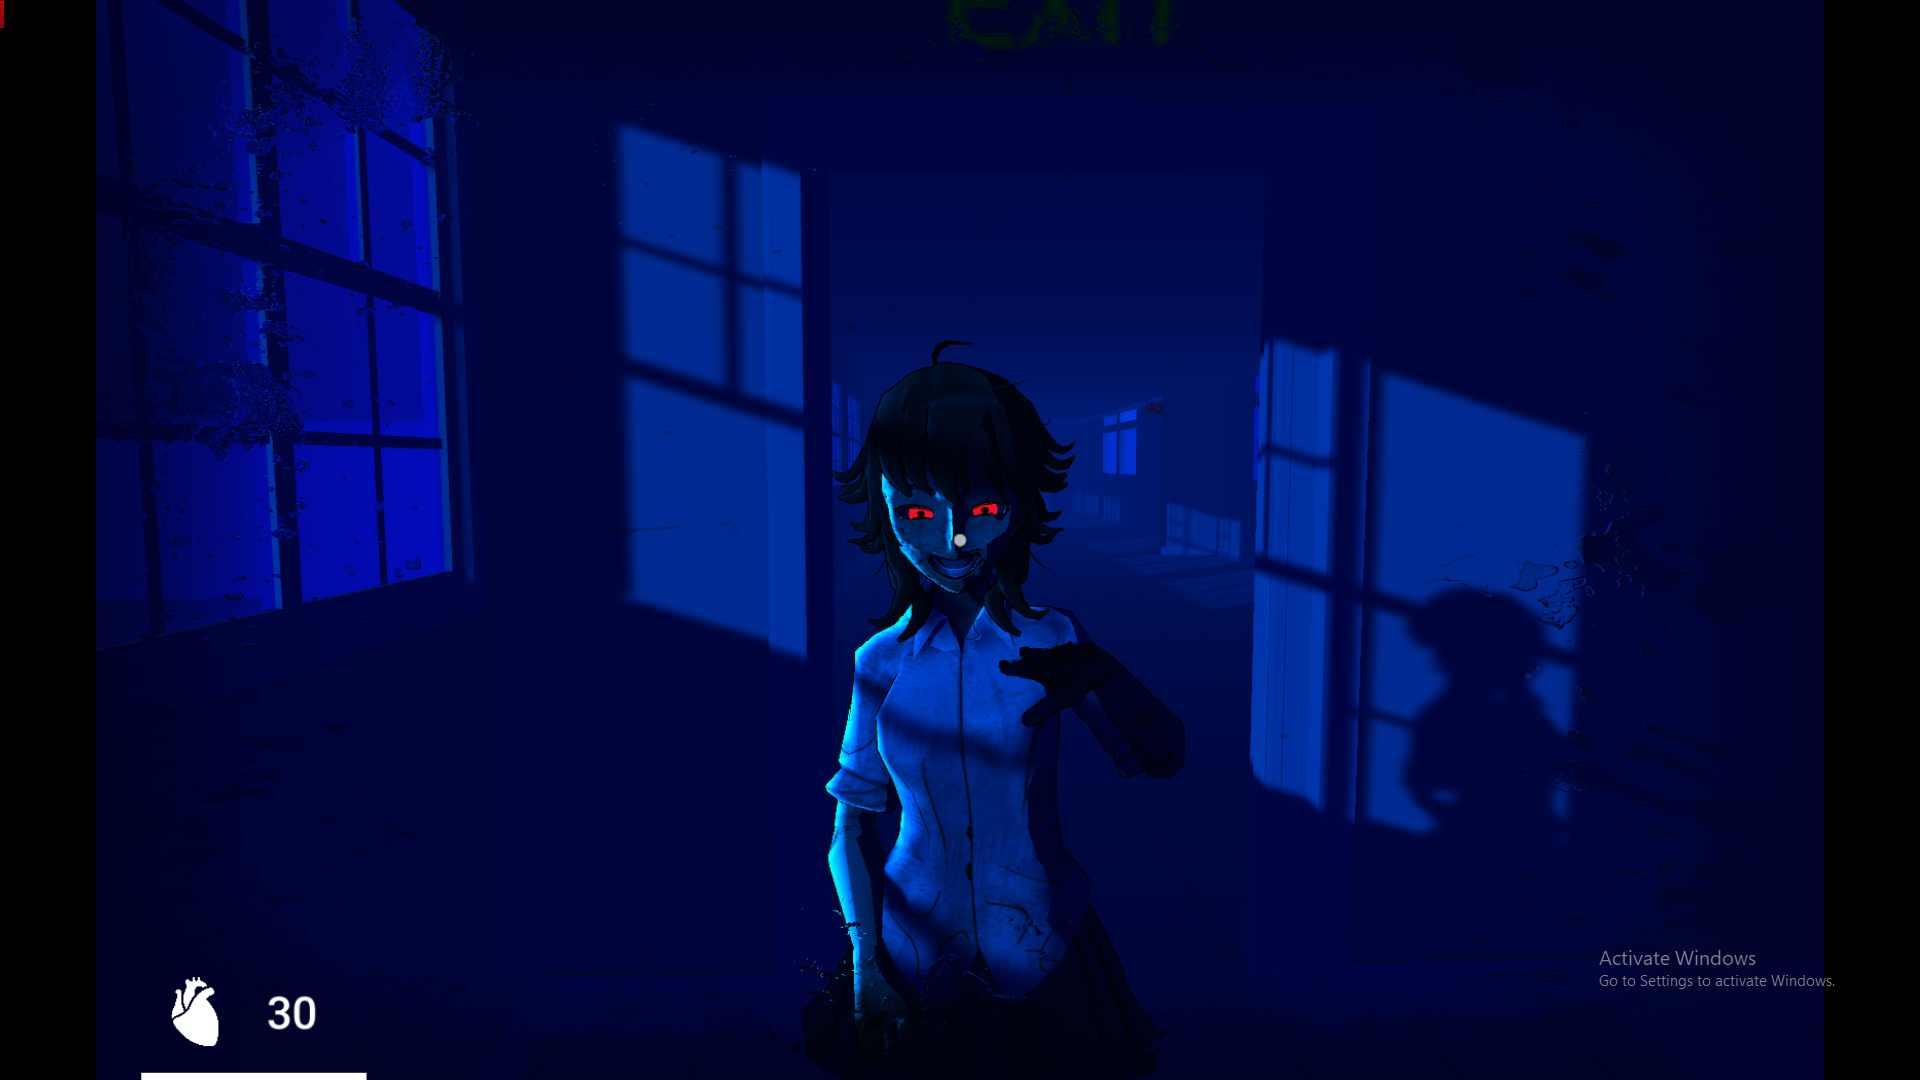 تحميل العاب الرعب للكمبيوتر مجانا - لعبة الرعب والبقاء Saiko No Sutoka